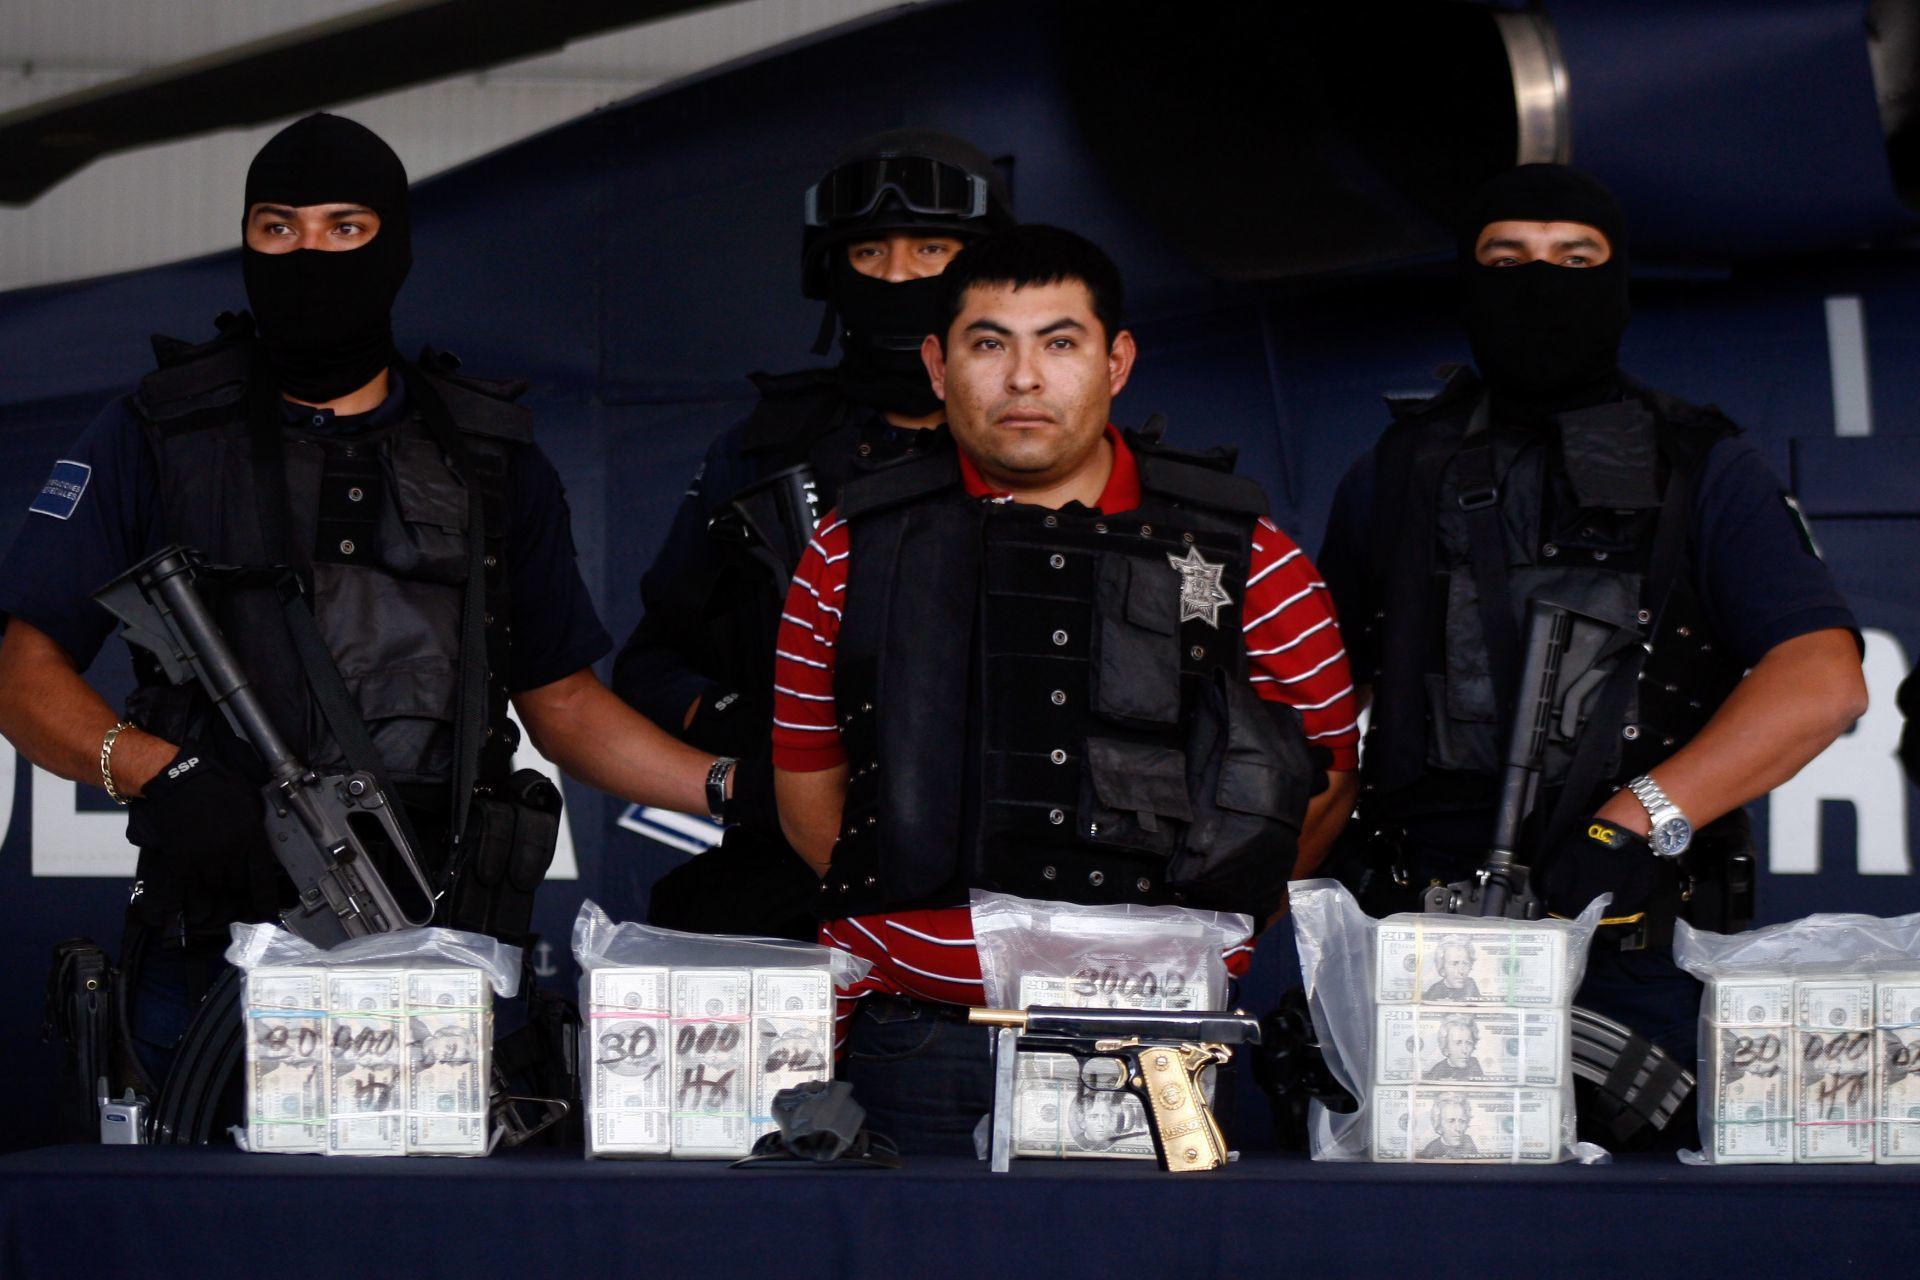 """Jaime González, alias el """"Hummer"""", fundador del cártel de Los Zetas (Foto: EDUARDO JIMENEZ/CUARTOSCURO)"""